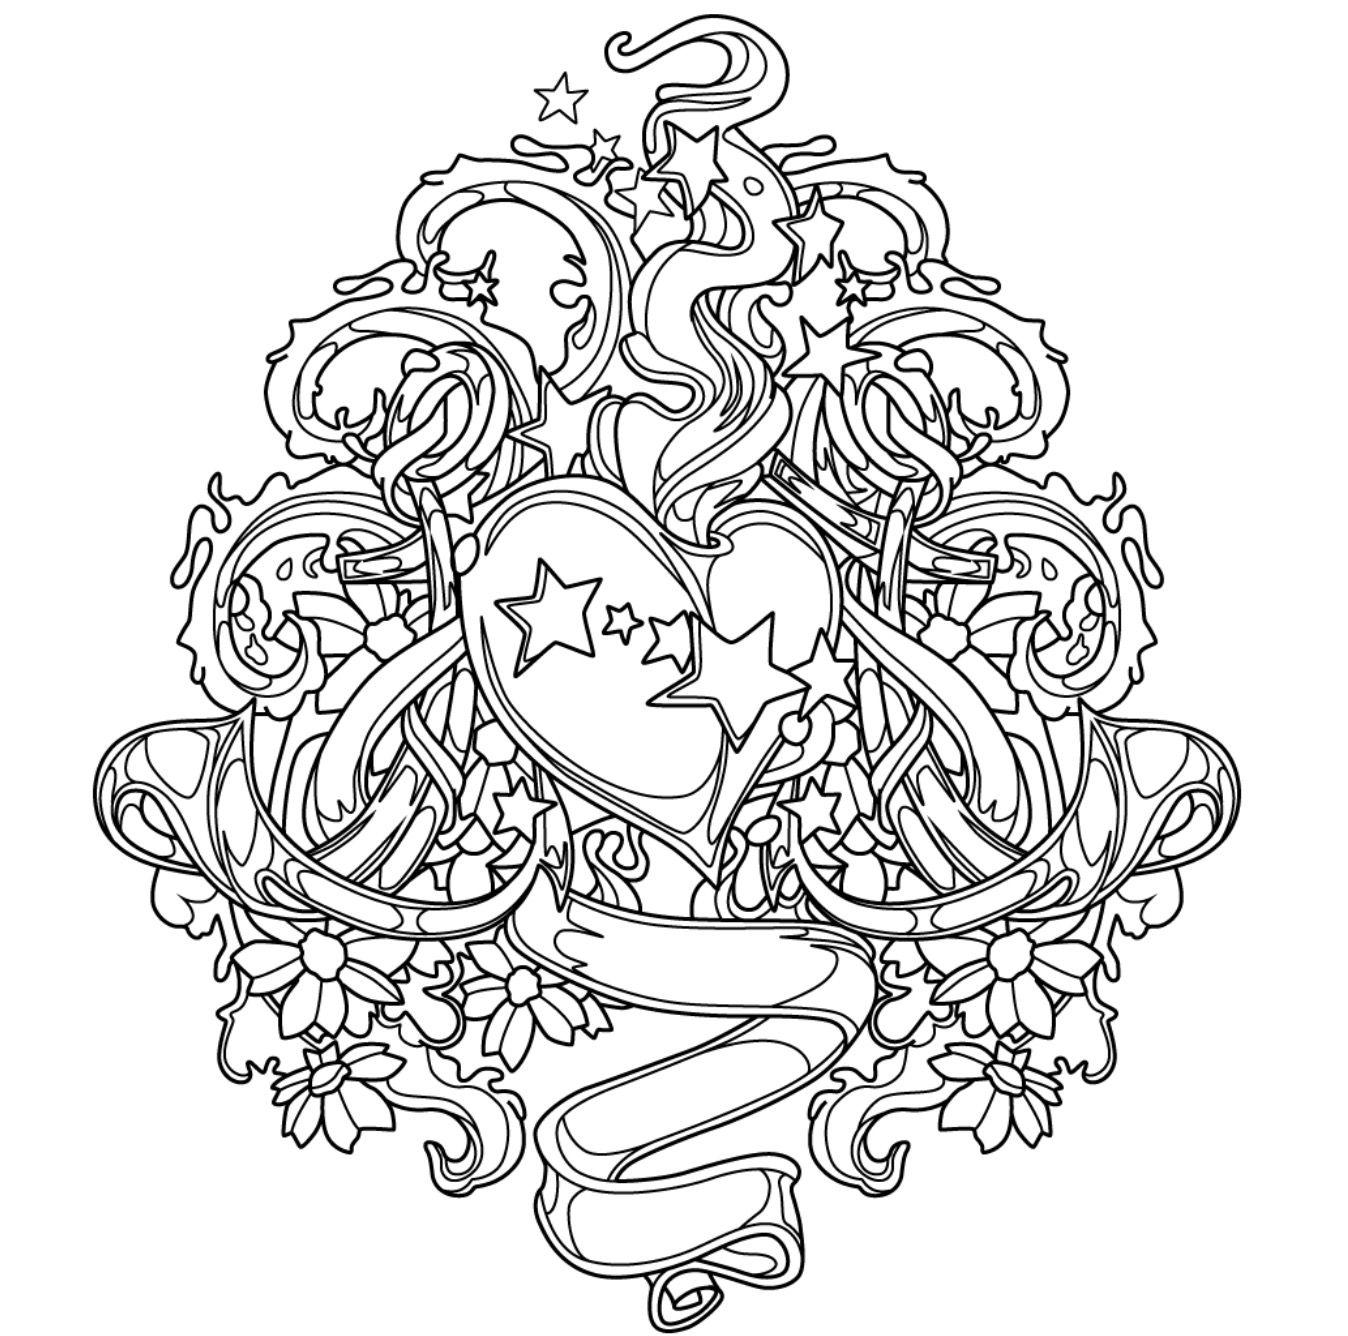 Pin von Amanda Witt auf coloring | Pinterest | Druckvorlagen und Malen